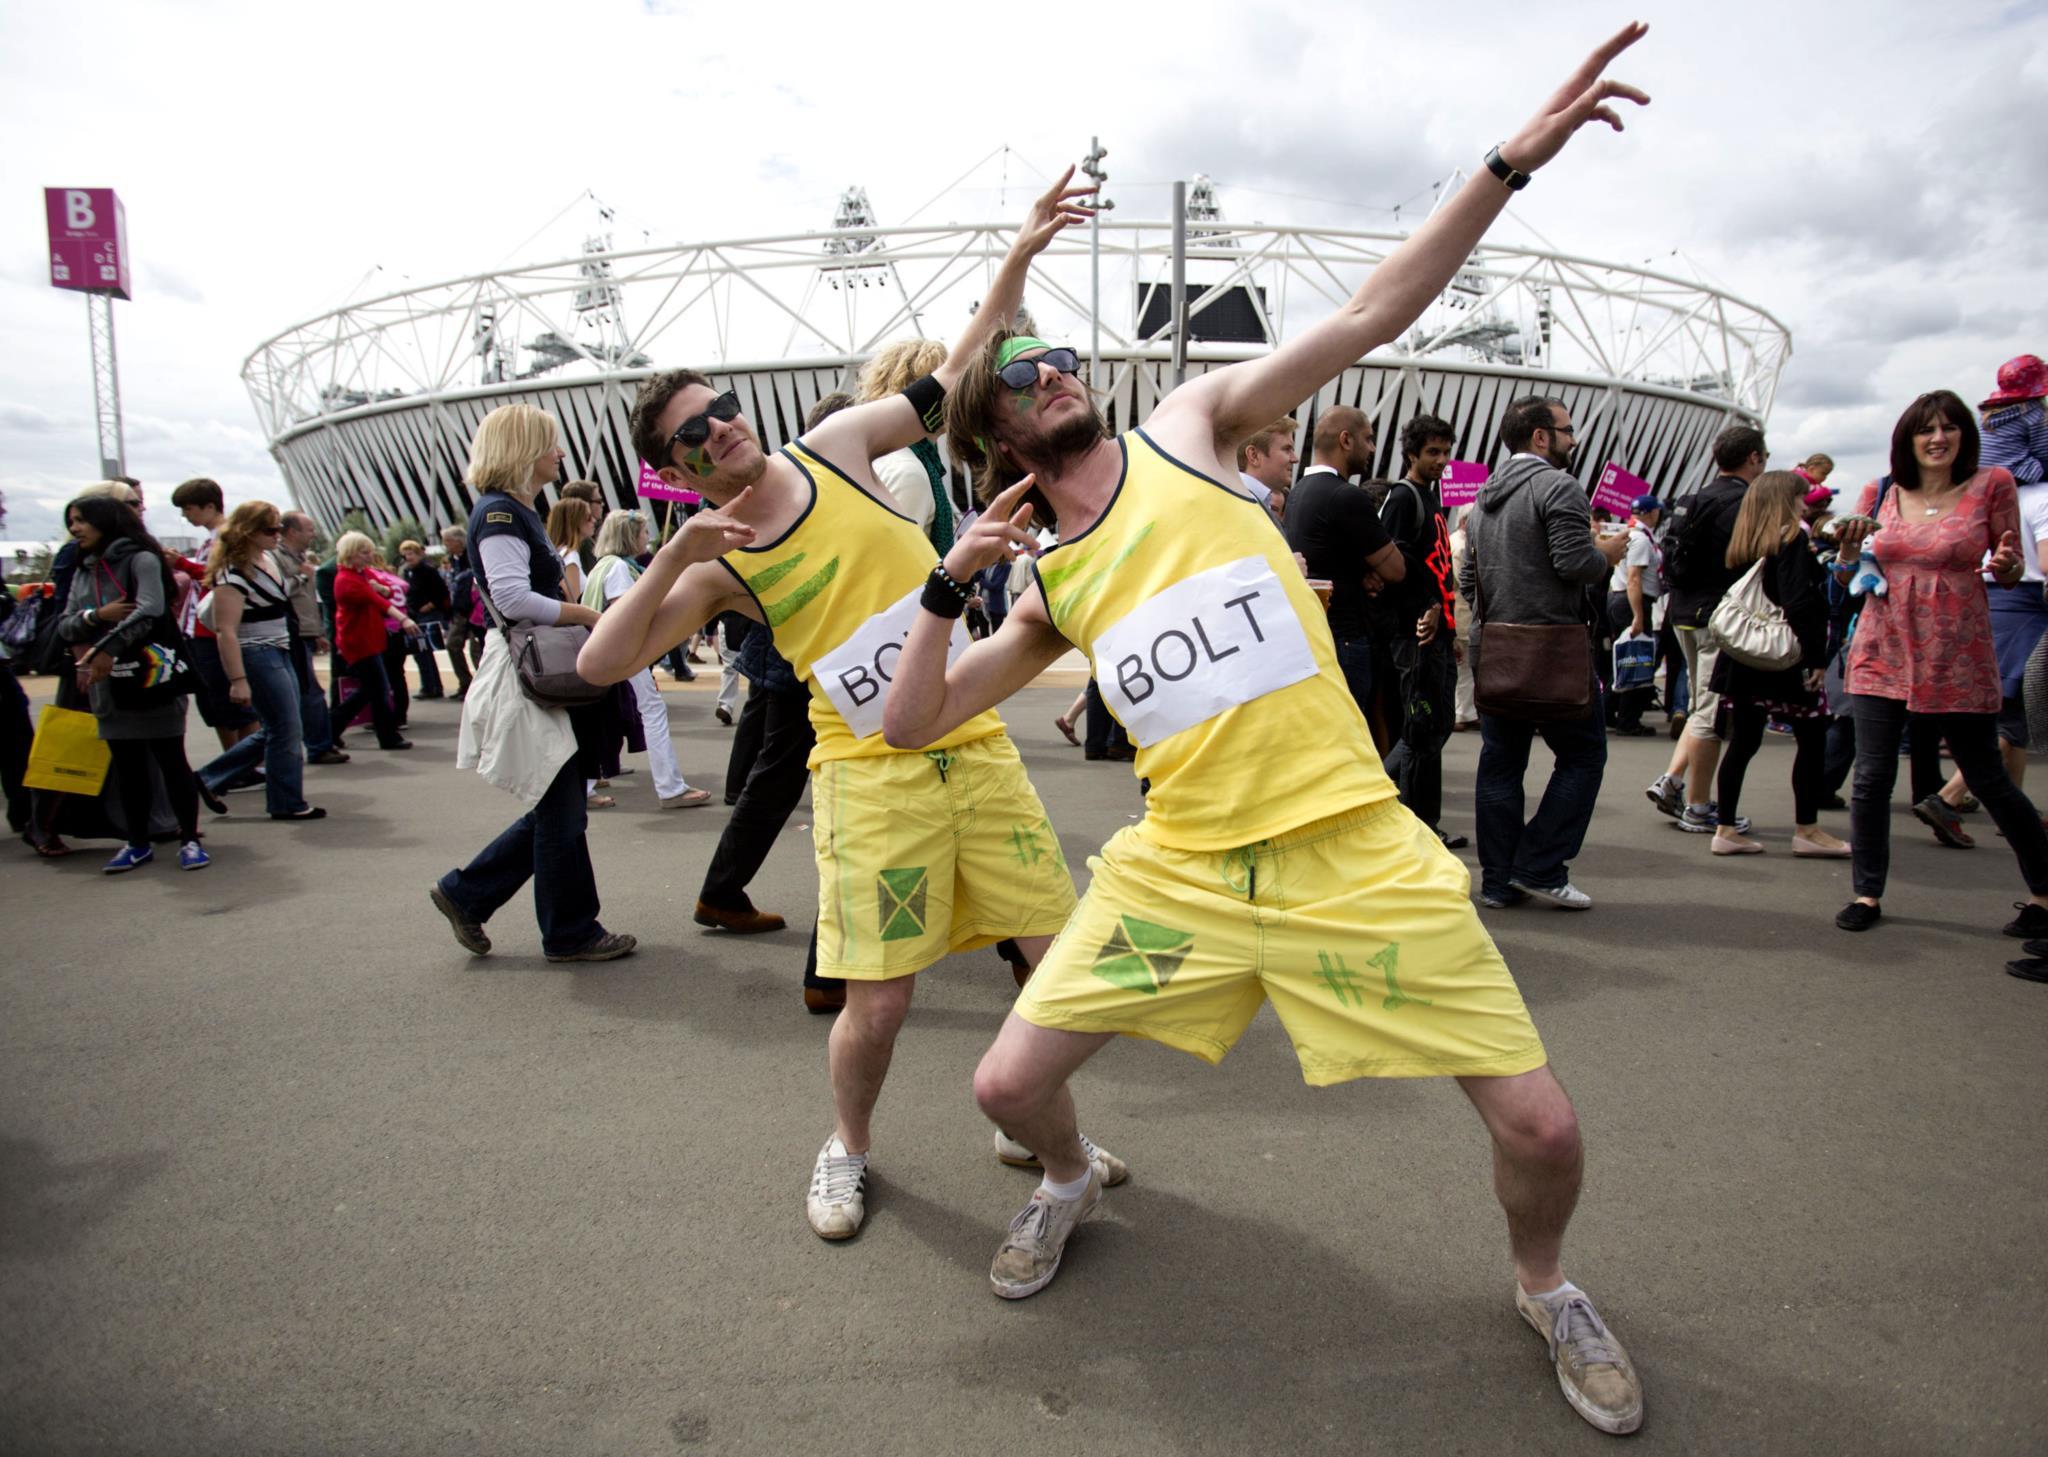 Fãs imitam a pose que se tornou sinónimo de Bolt.